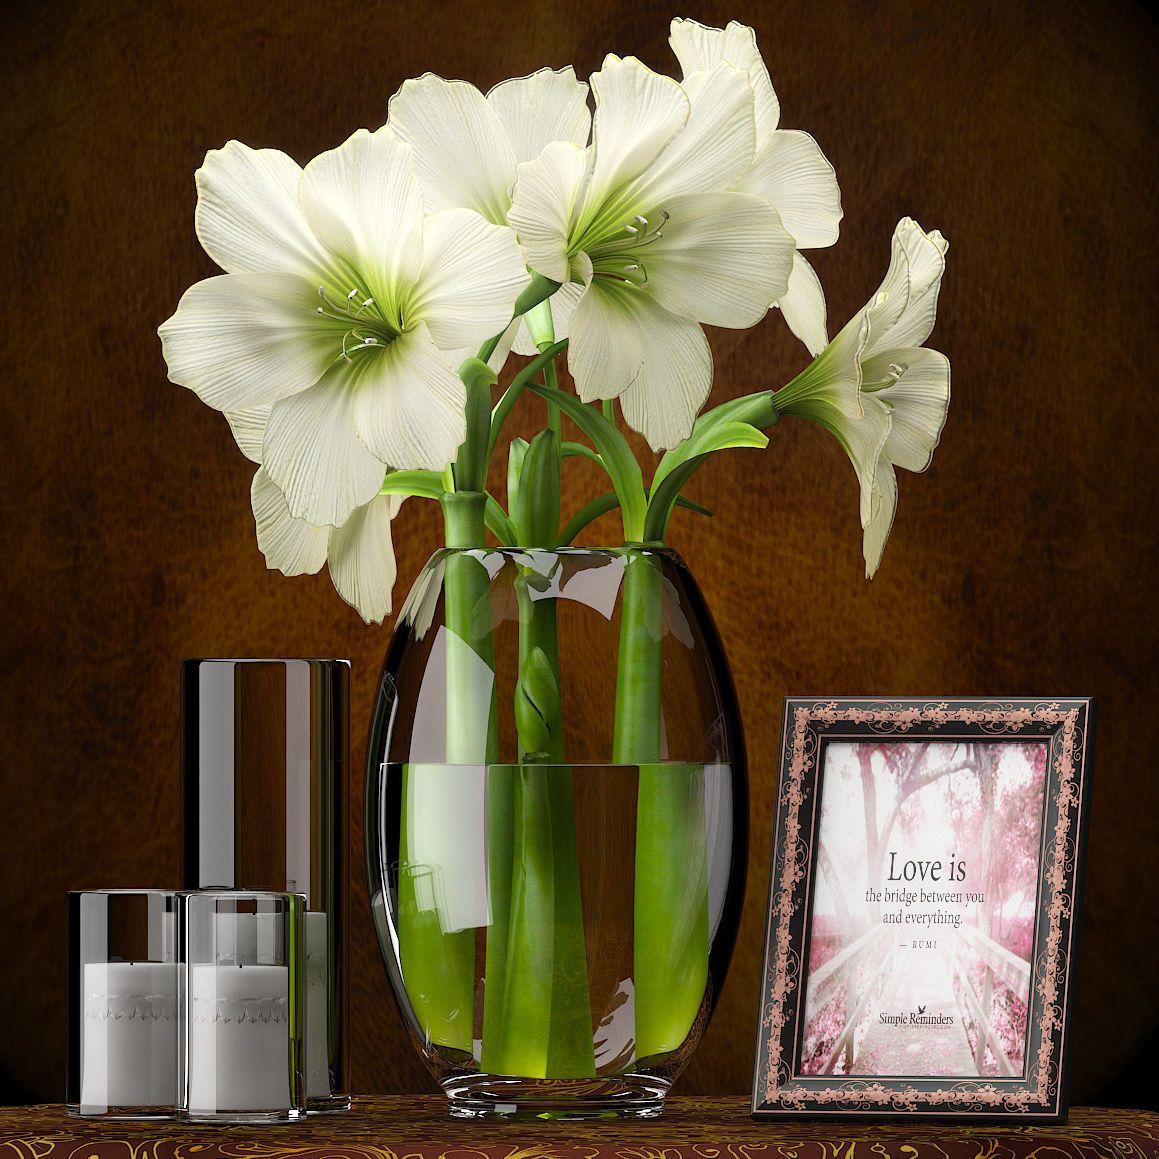 Flowers Amaryllis 3d Model Max Obj Mtl 1 Decor Amaryllis Vases Decor